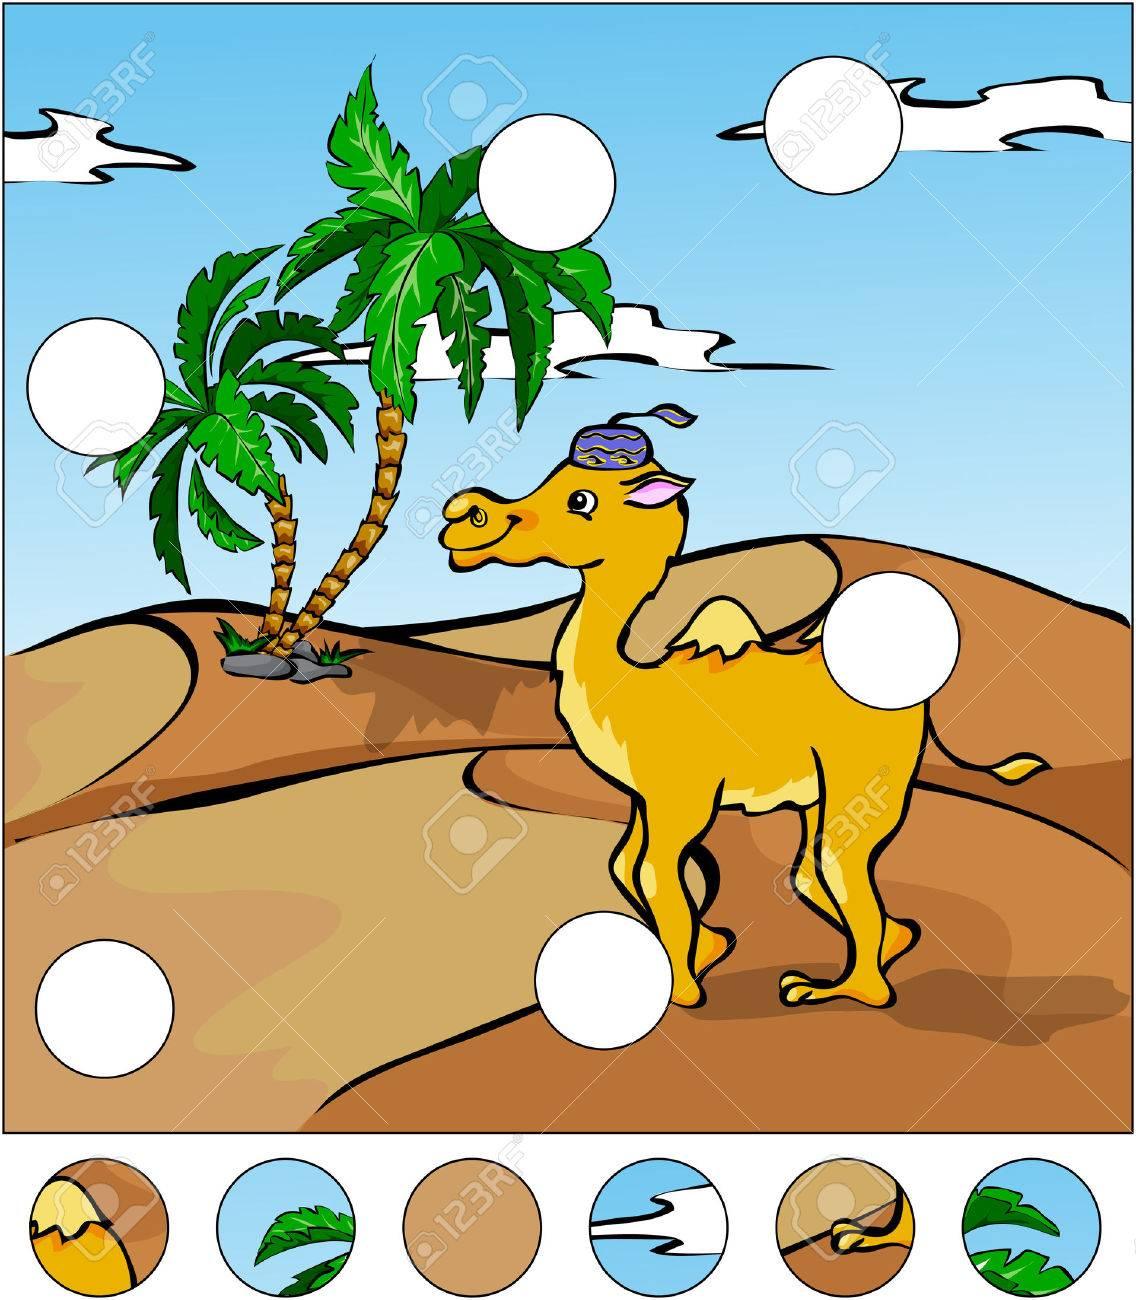 Cartoon Kamel In Der Wüste. Das Puzzle Vervollständigen Und Die ...